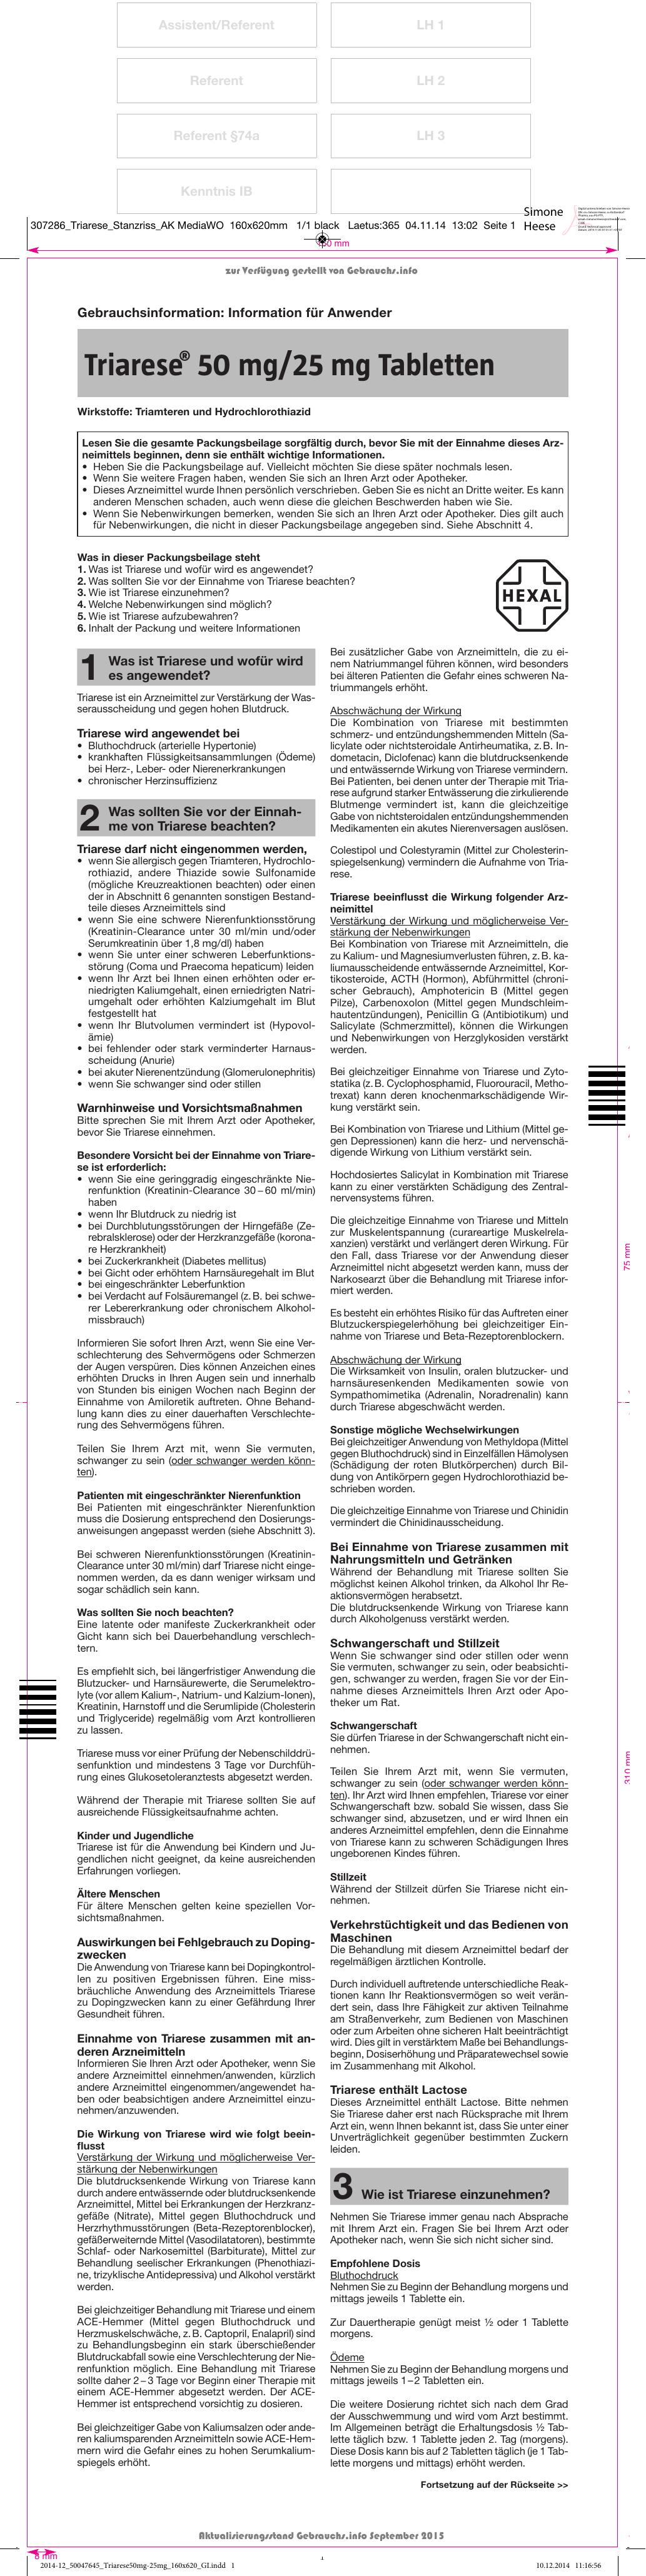 Triarese® 50 mg/25 mg Tabletten